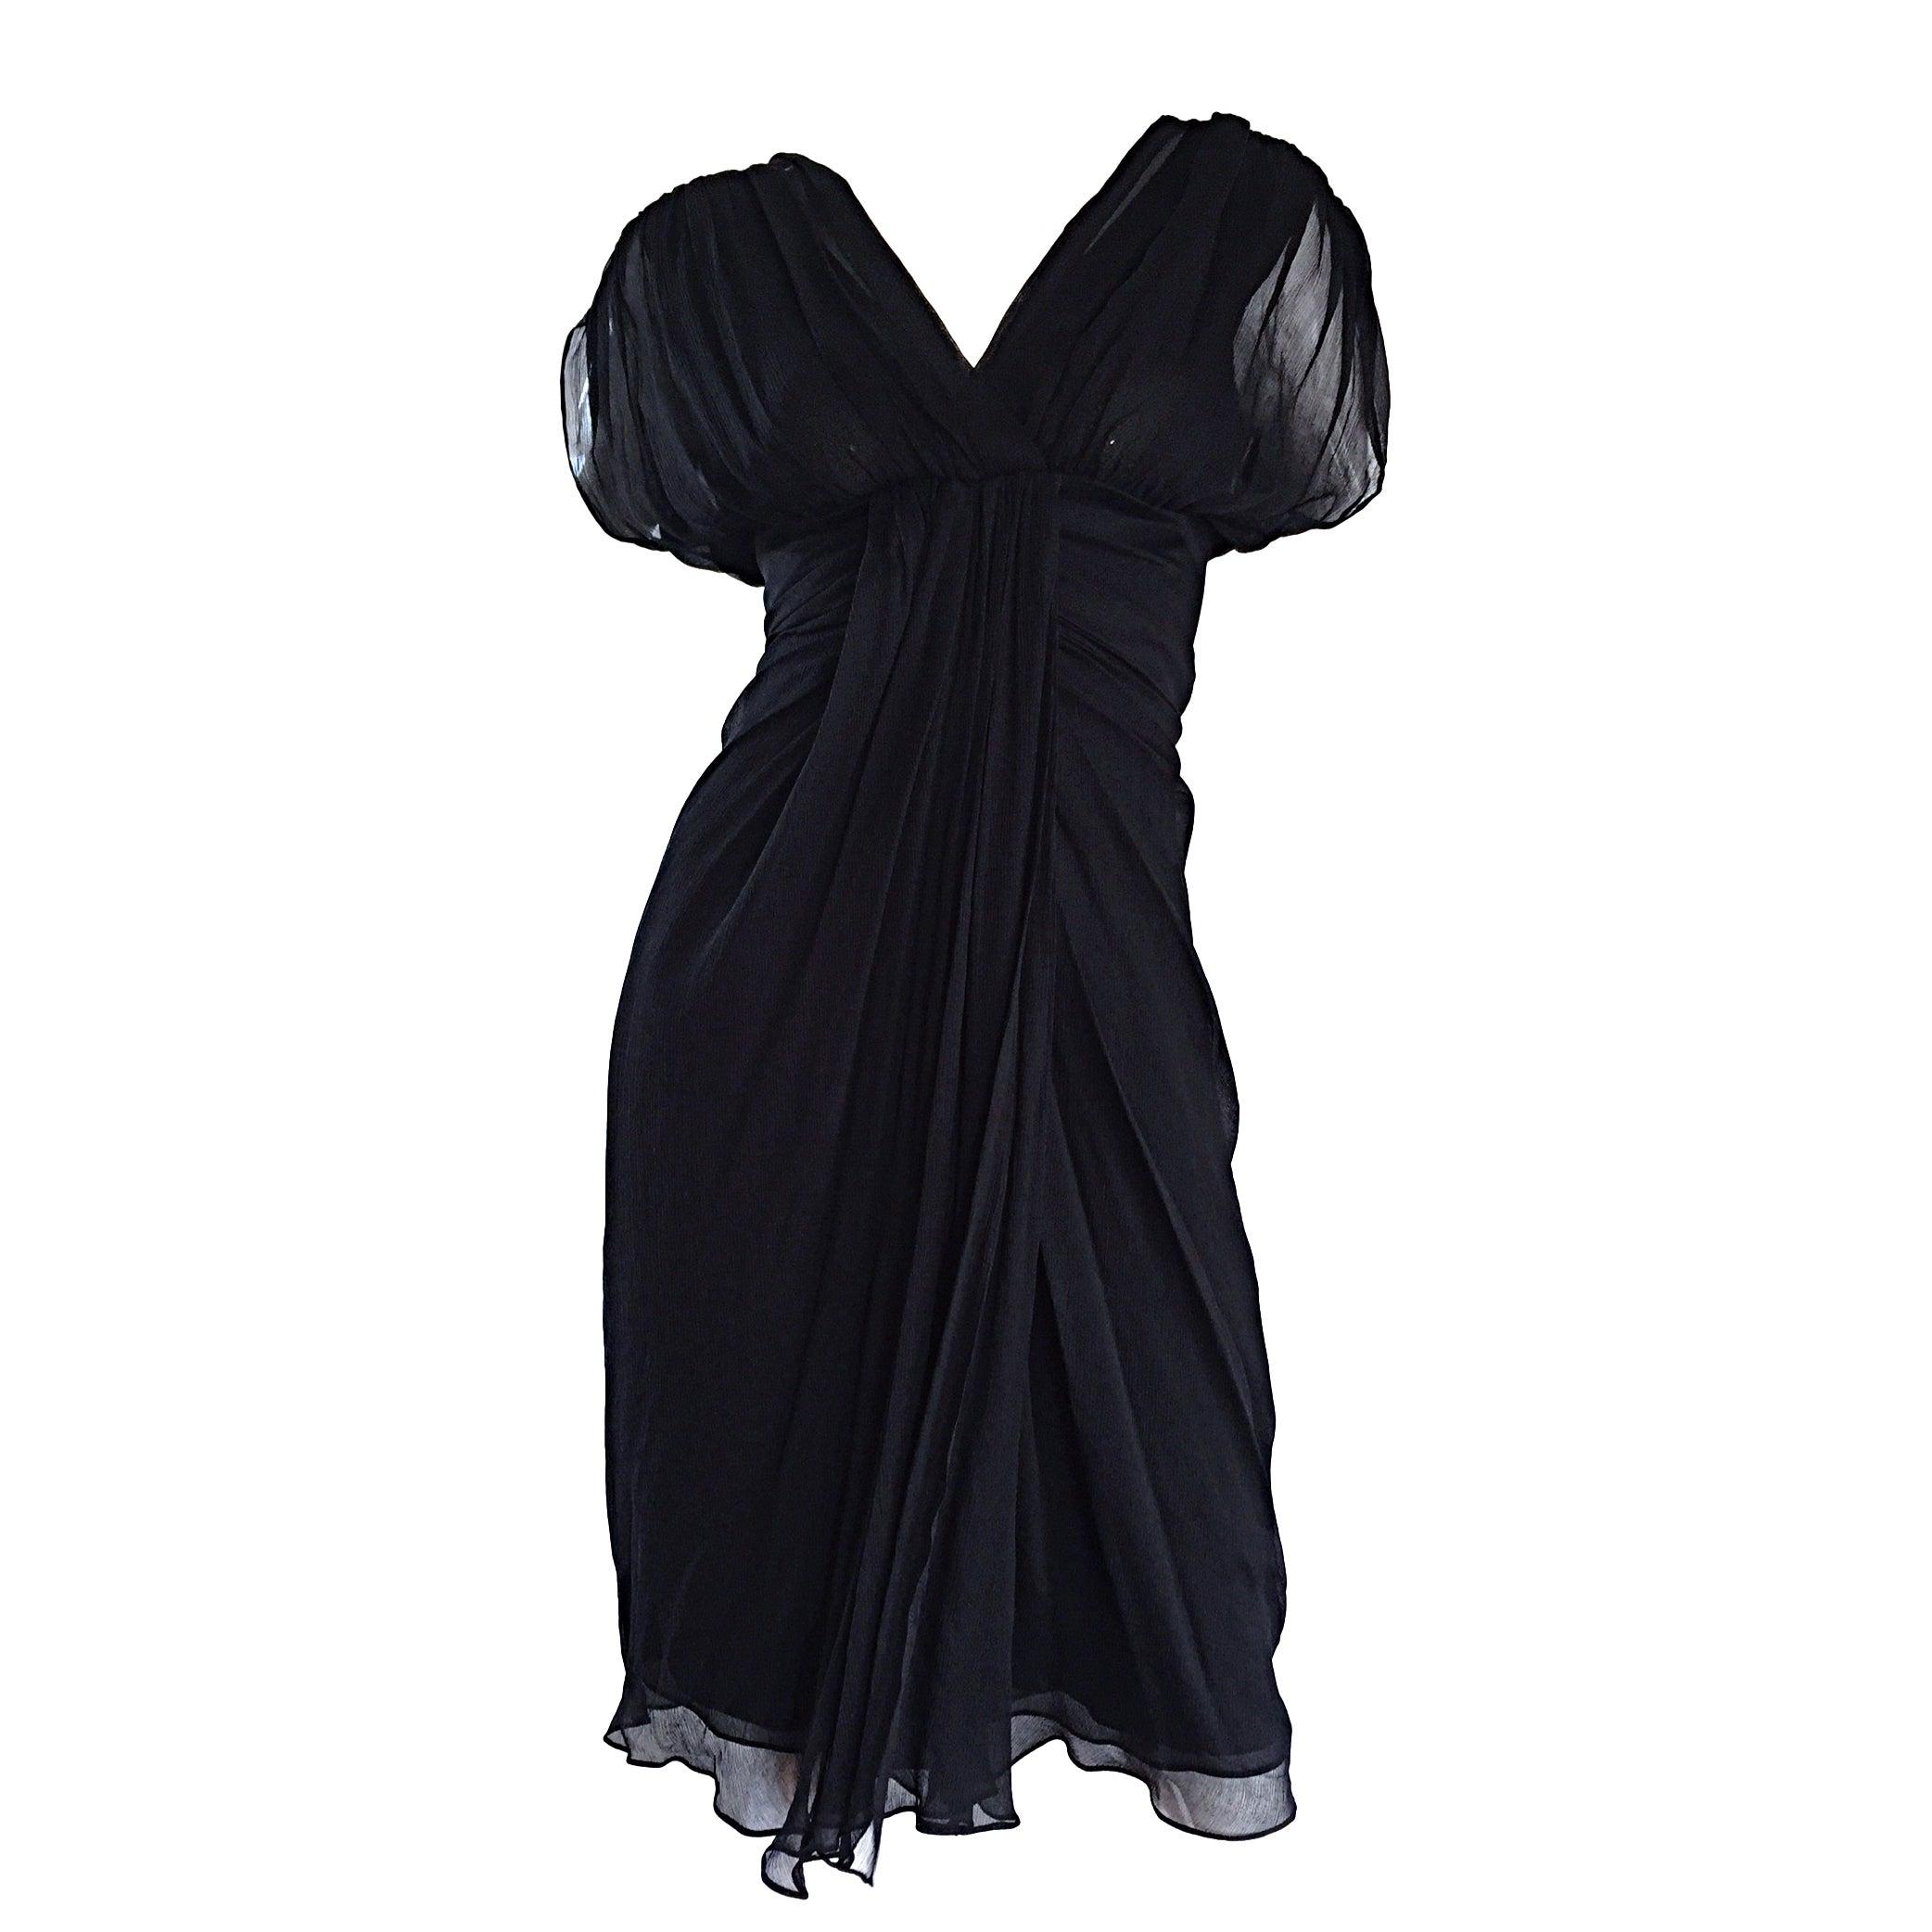 Diane Von Furstenberg Size 0 / 2 Black Silk Chiffon Grecian Dress Open Back